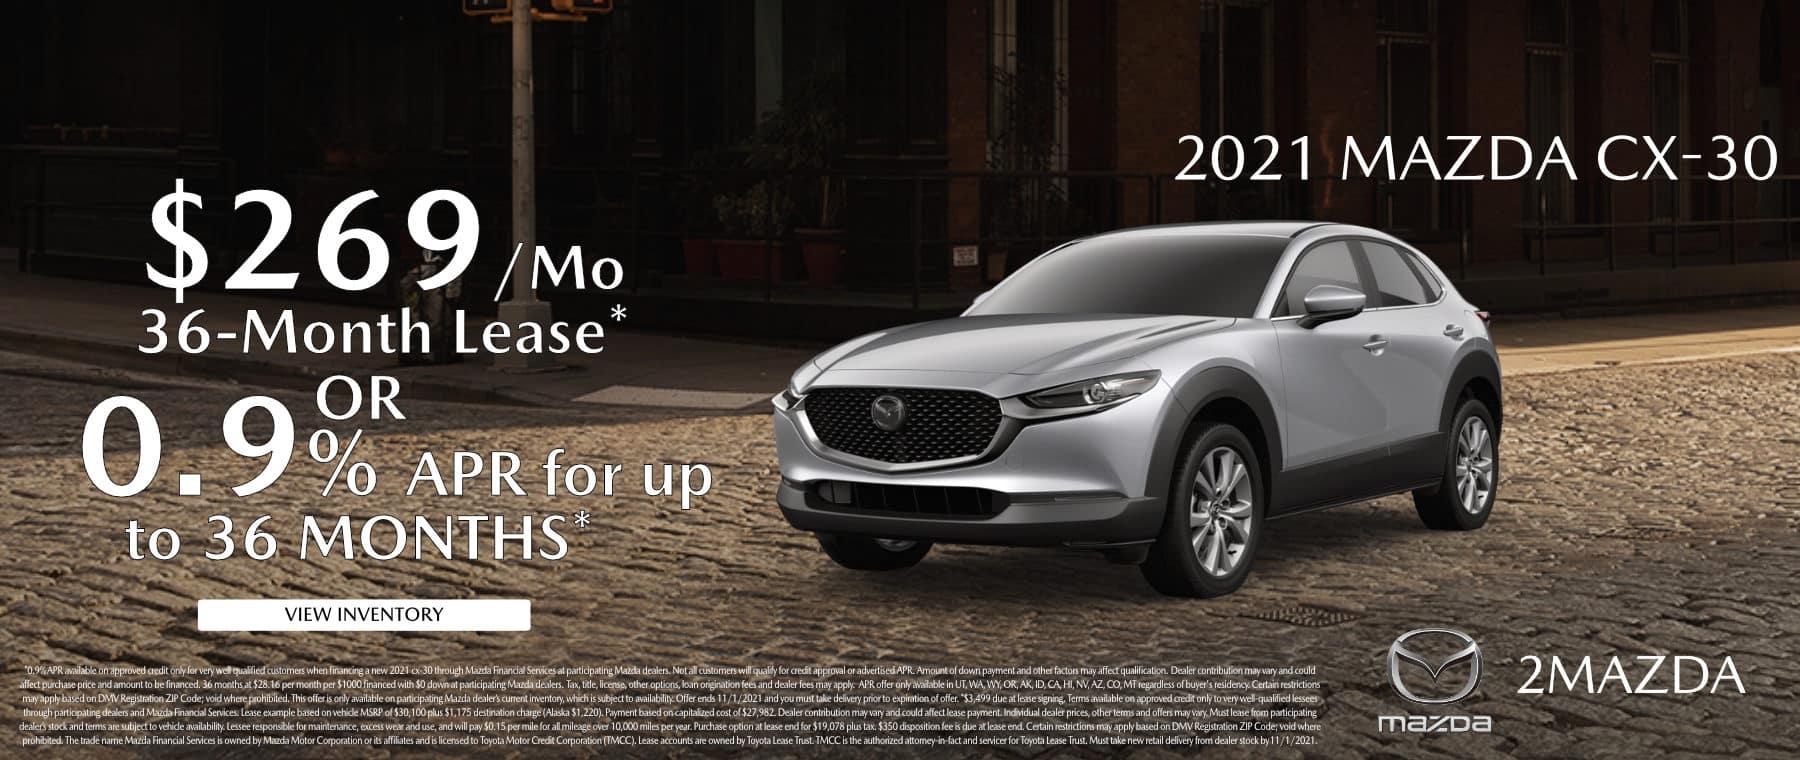 October_2021 Mazda CX-30 2Mazda